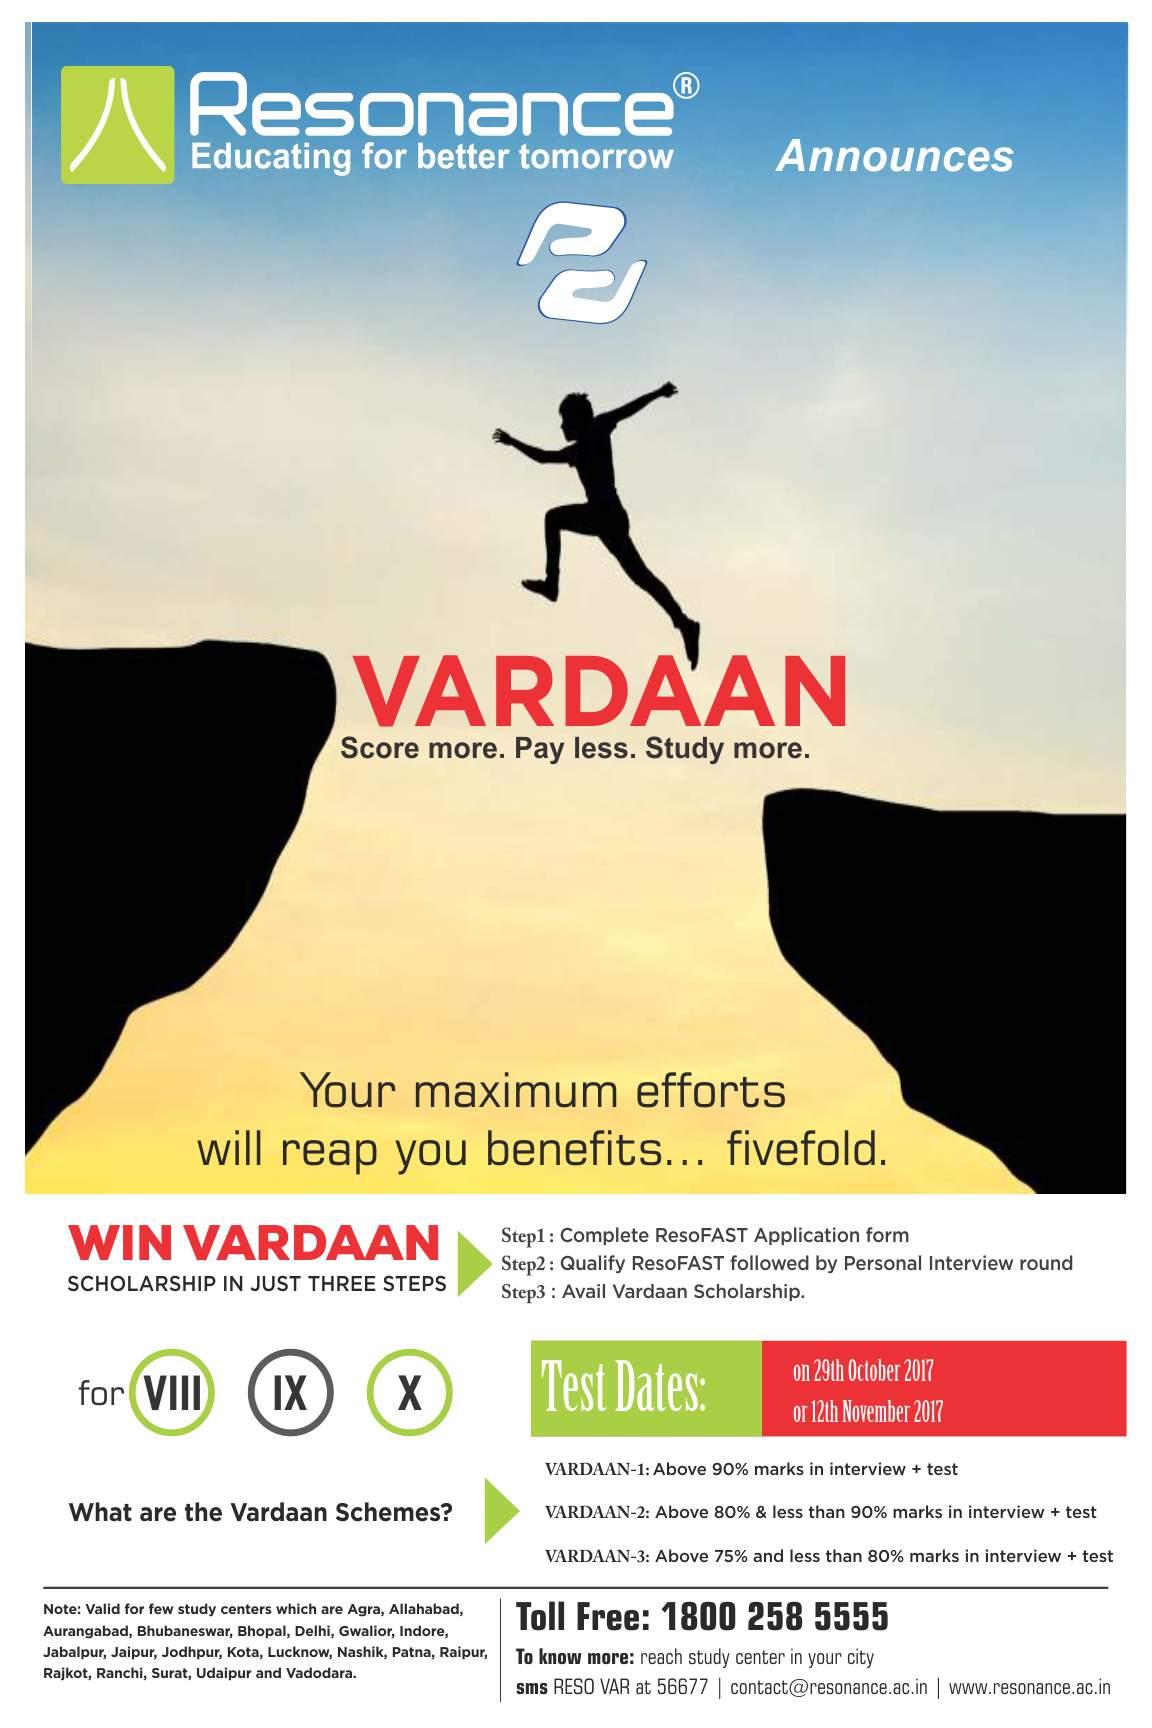 VARDAAN Special Scholarships